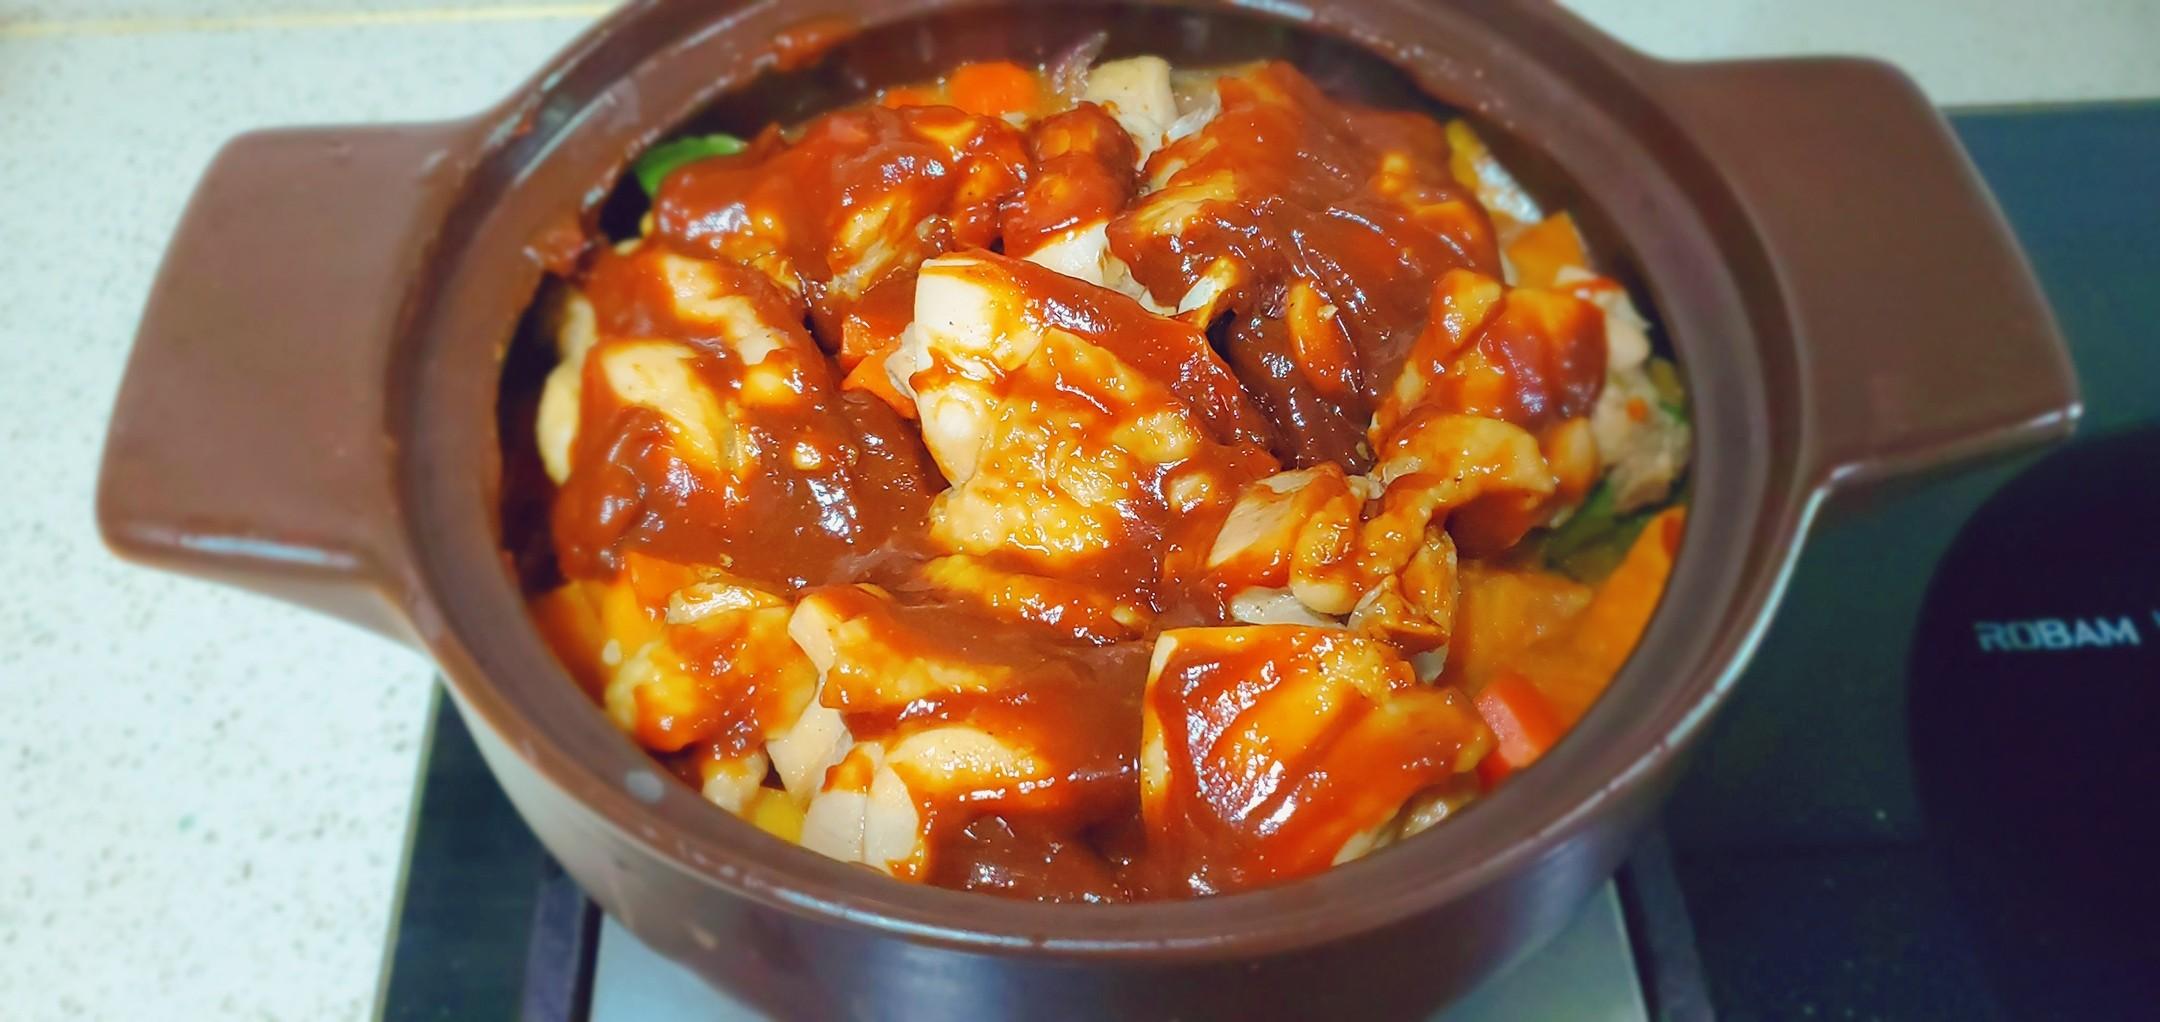 超下饭,堪比黄记煌的鸡腿焖锅怎么炒